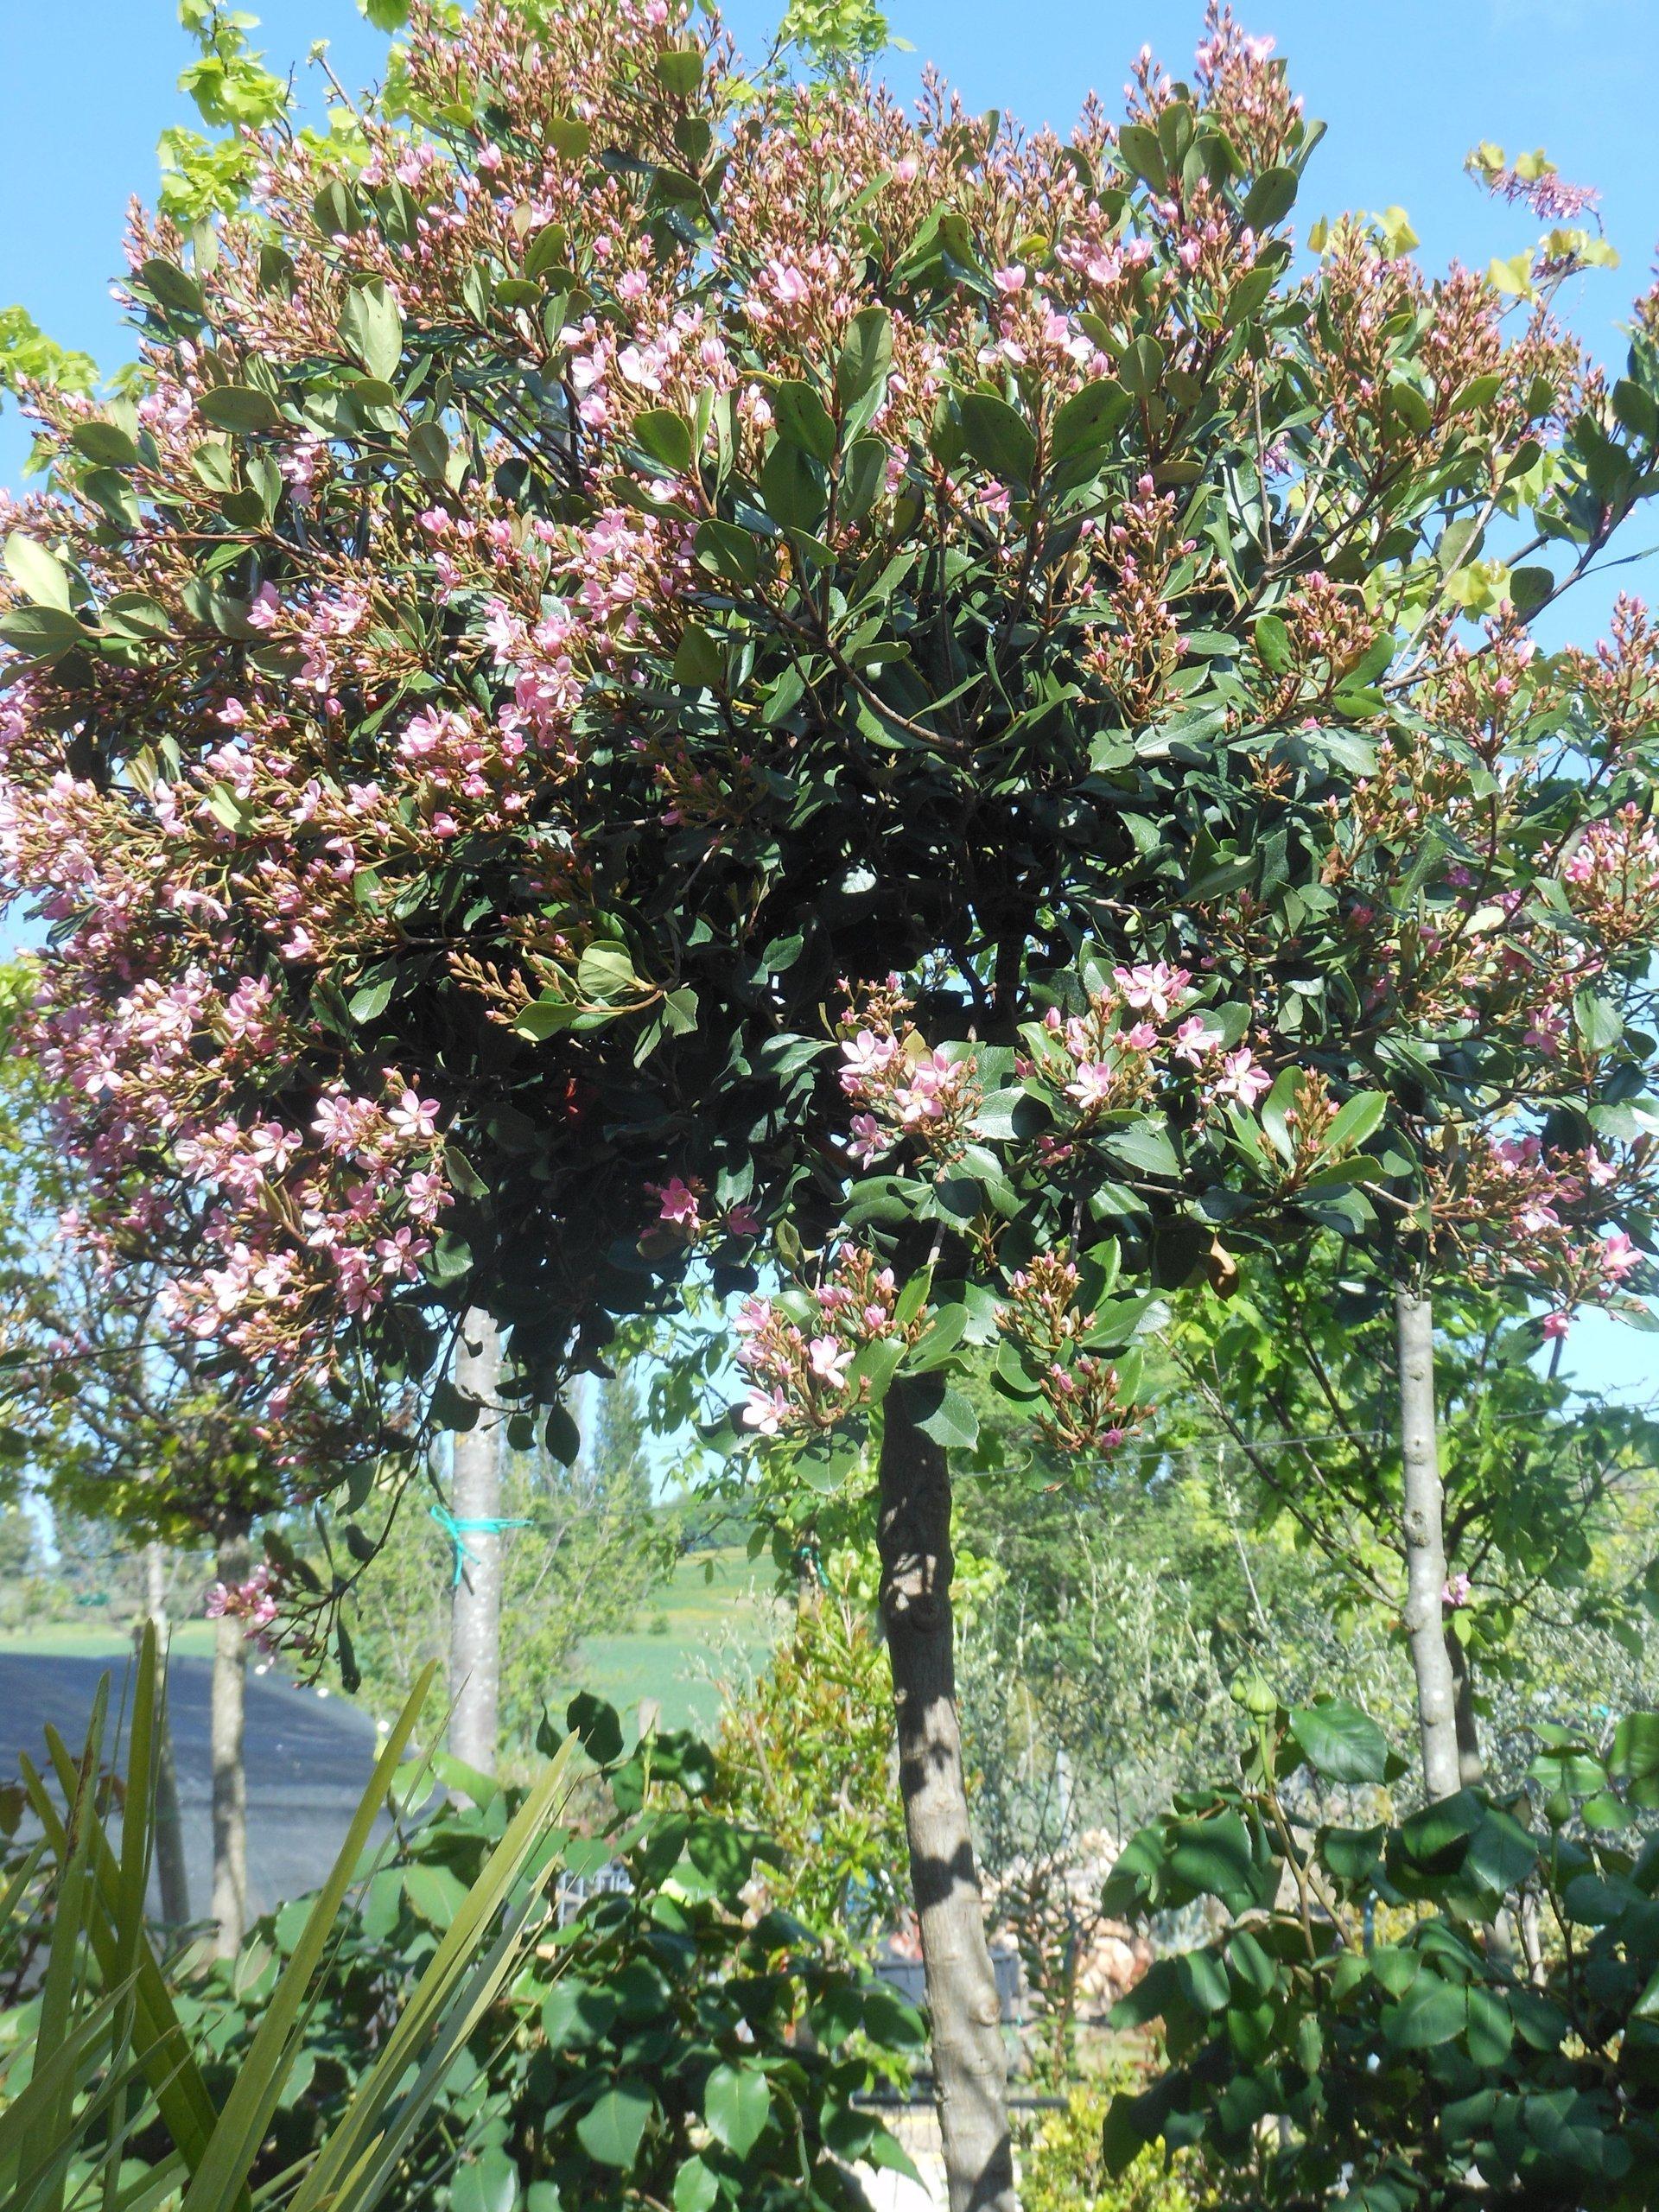 Piante alto fusto da giardino dracaena marginata with - Piante alto fusto da giardino ...